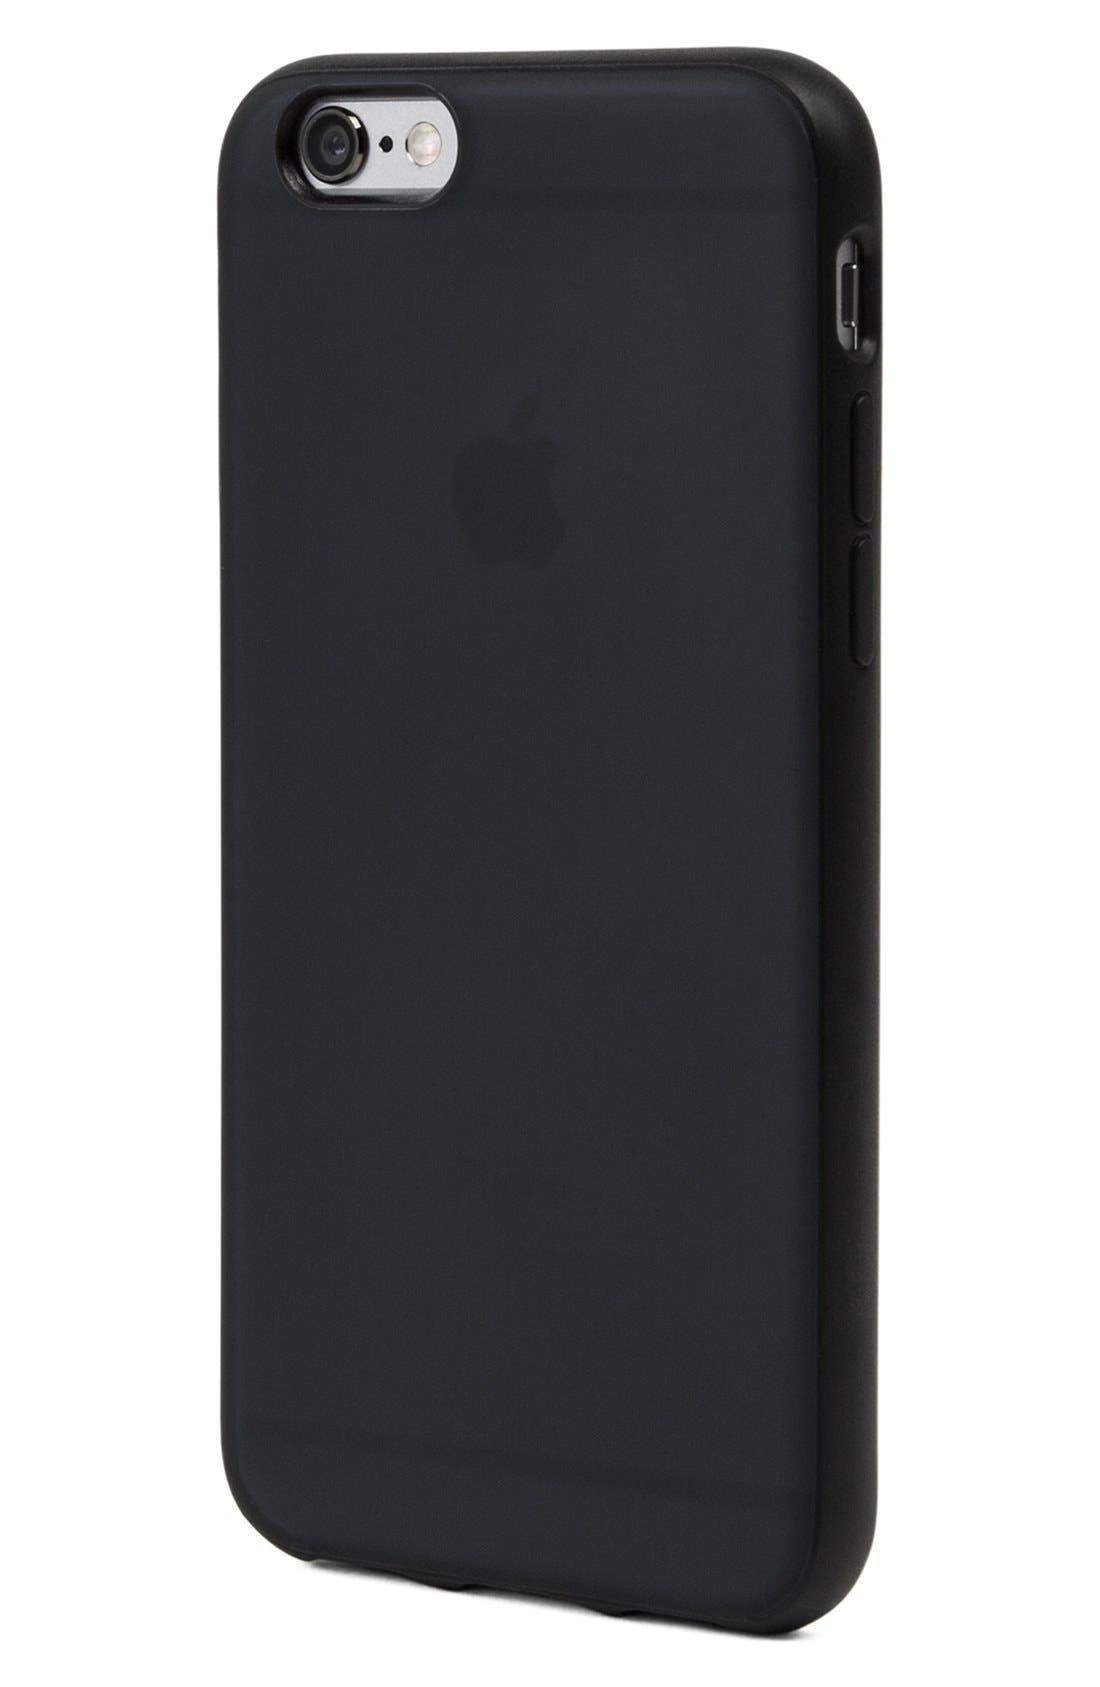 Main Image - Incase Designs Pop Case iPhone 6 Plus/6s Plus Case